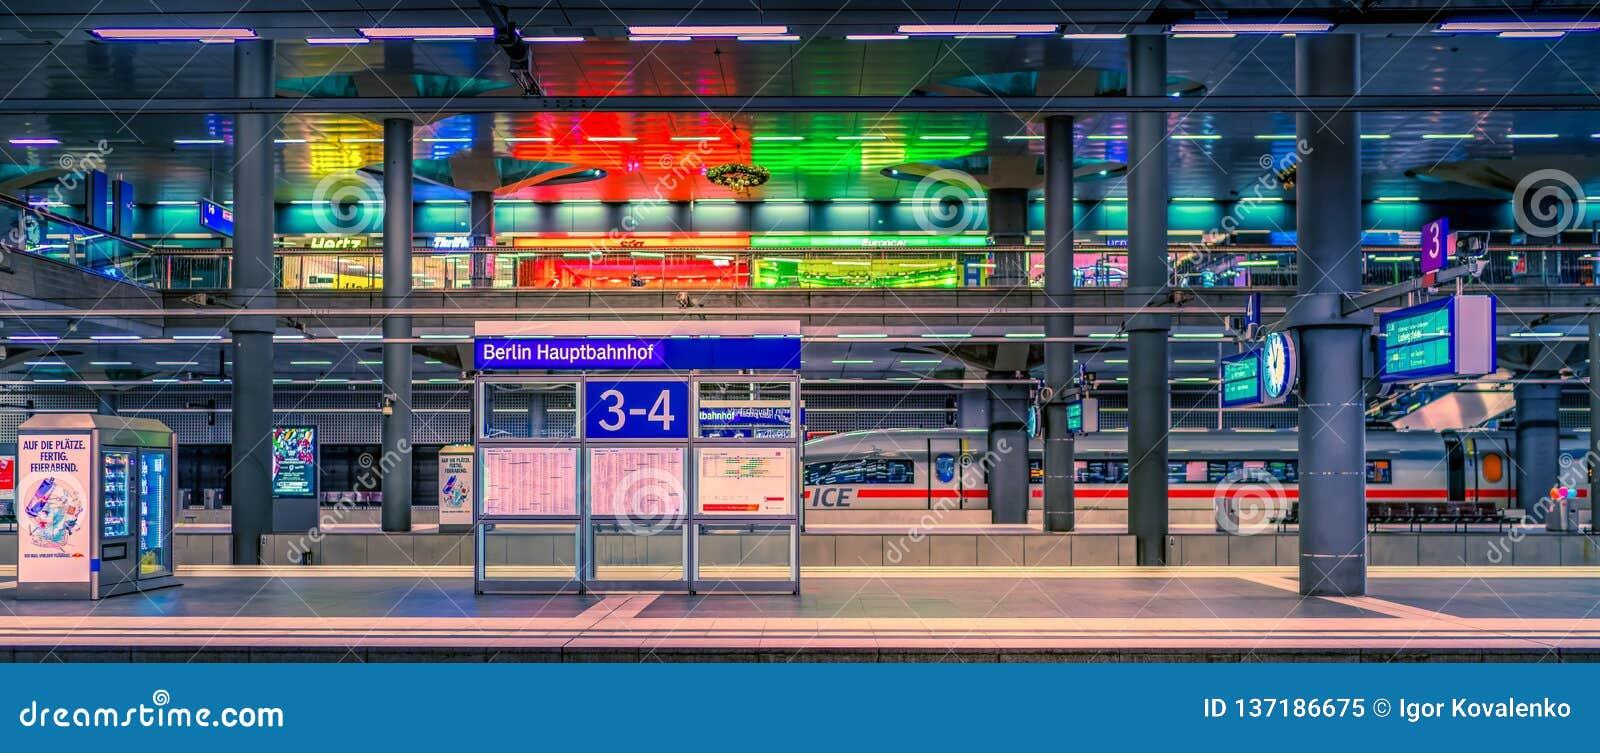 Järnvägsstation för europeiskt land - kollektivtrafik